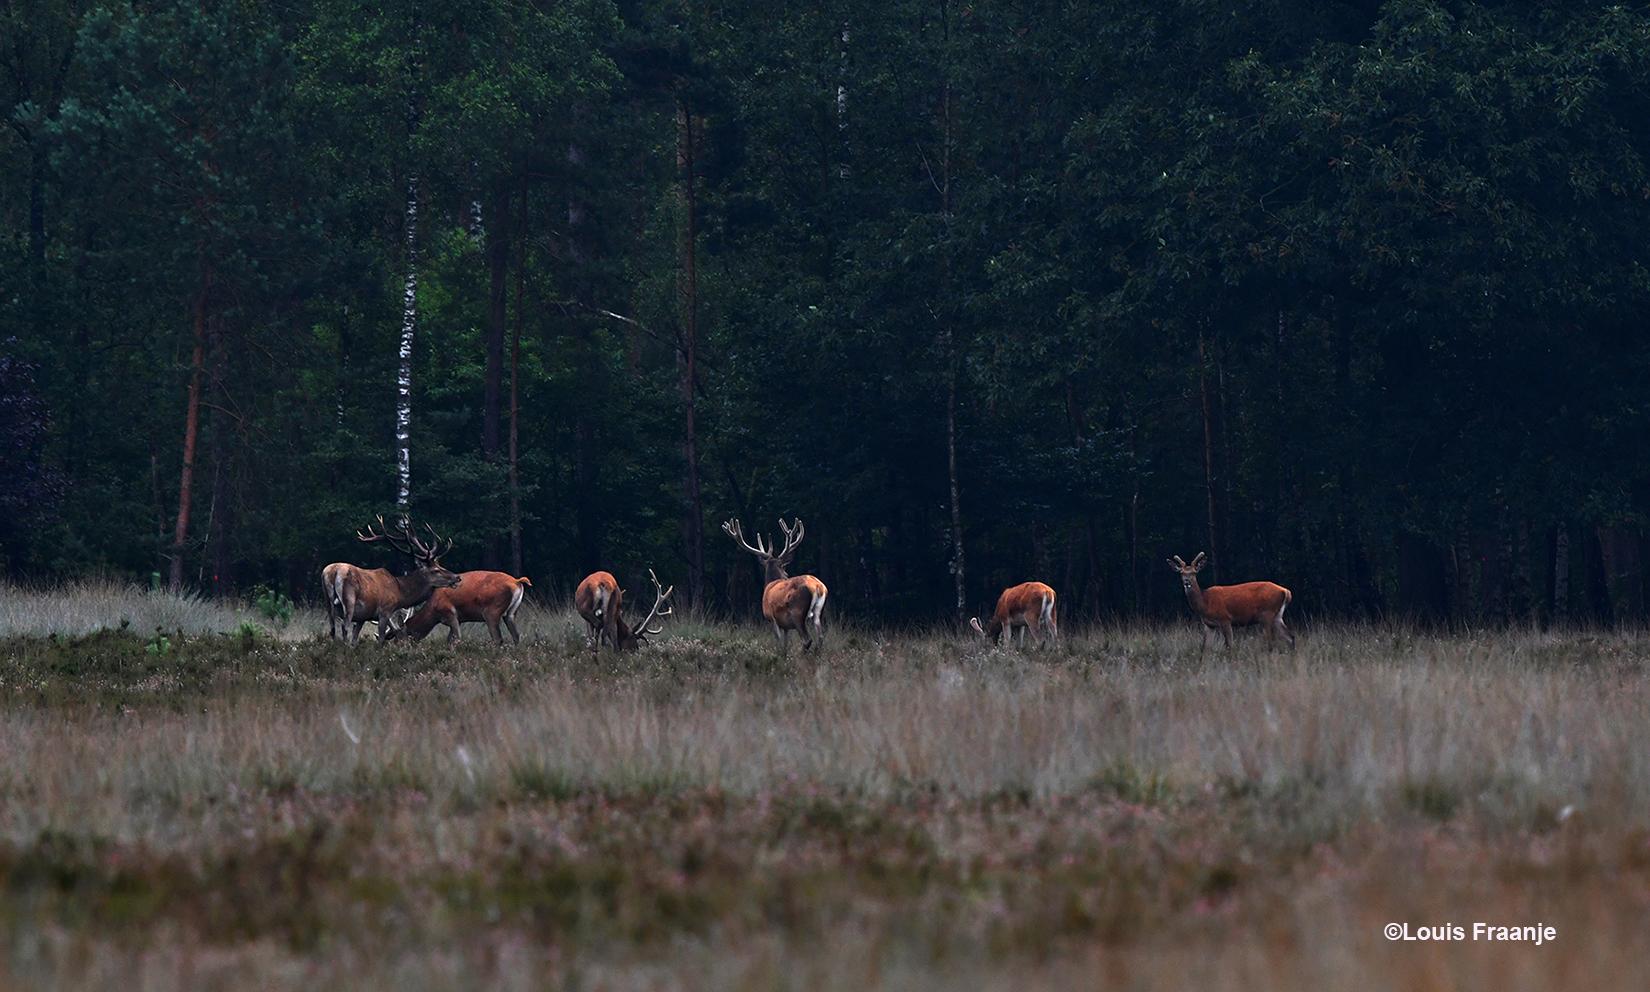 Een roedel edelherten aan de bosrand, die rustig aan het grazen zijn - Foto: ©Louis Fraanje